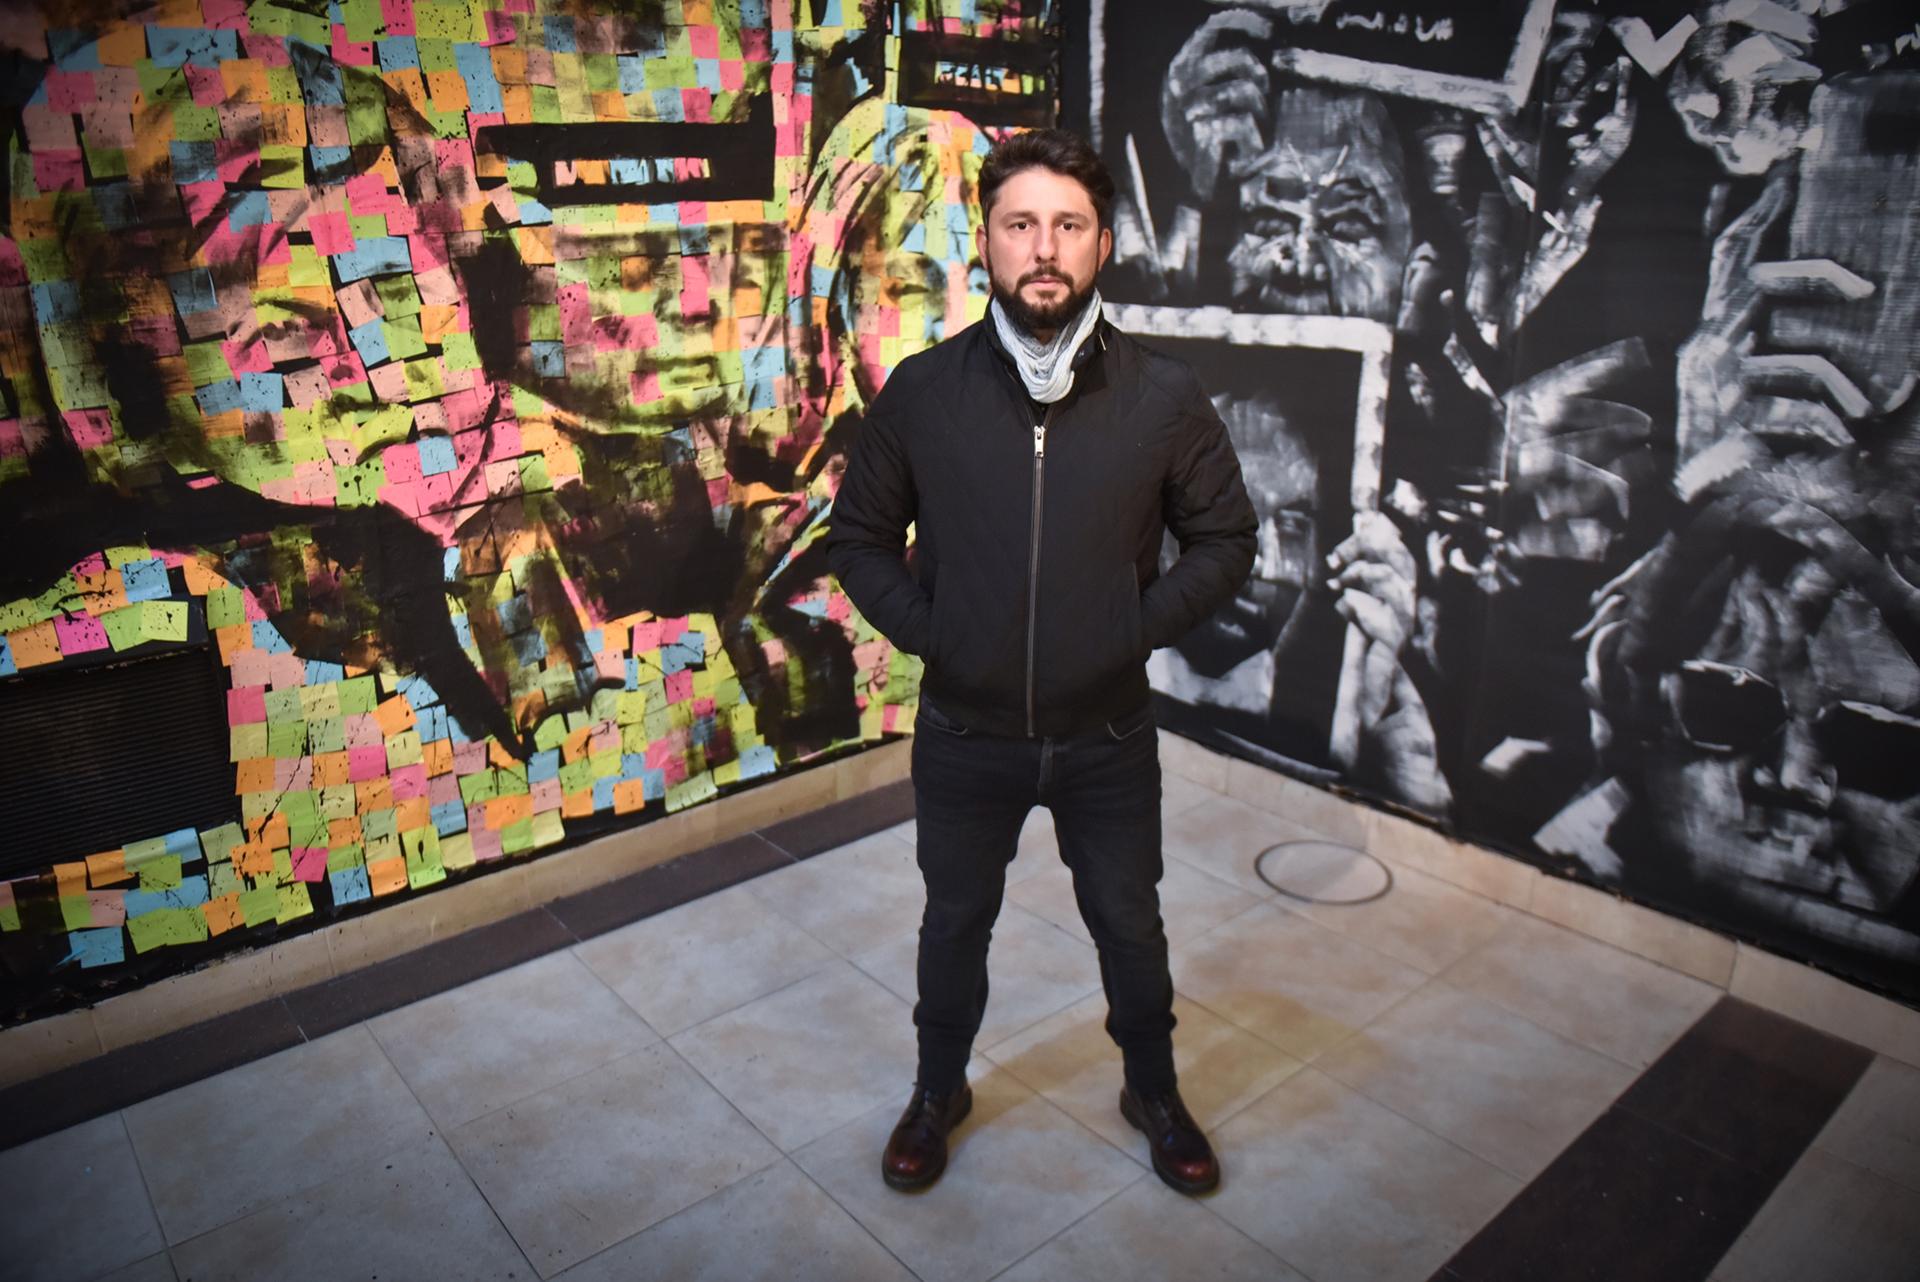 """Martín Ron es considerado uno de los diez muralistas más importantes del mundo. Además de ser el autor de la obra que la institución decidió realizar para transformar una pared en un contundente reclamo de justicia, Ron es el creador de """"Post it"""", la nueva muestra que el Espacio de Arte AMIA inauguró hoy en el entrepiso de Pasteur 633"""